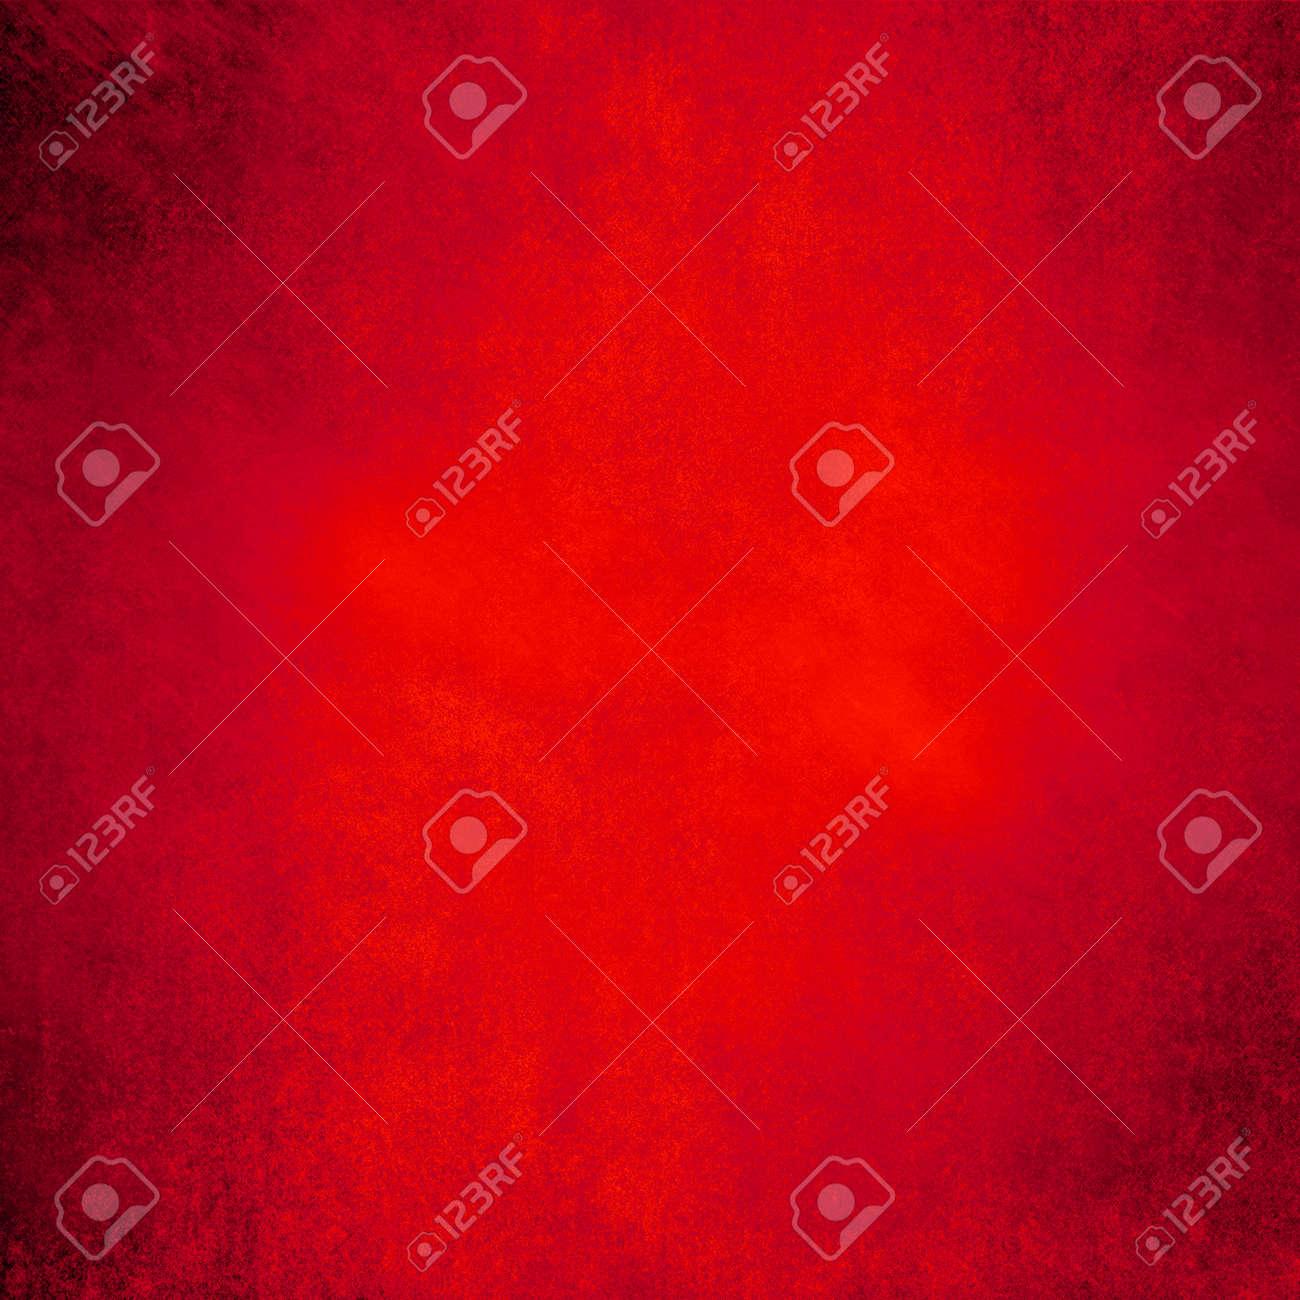 Immagini Stock Trama Di Sfondo Rosso Astratto Image 84050748